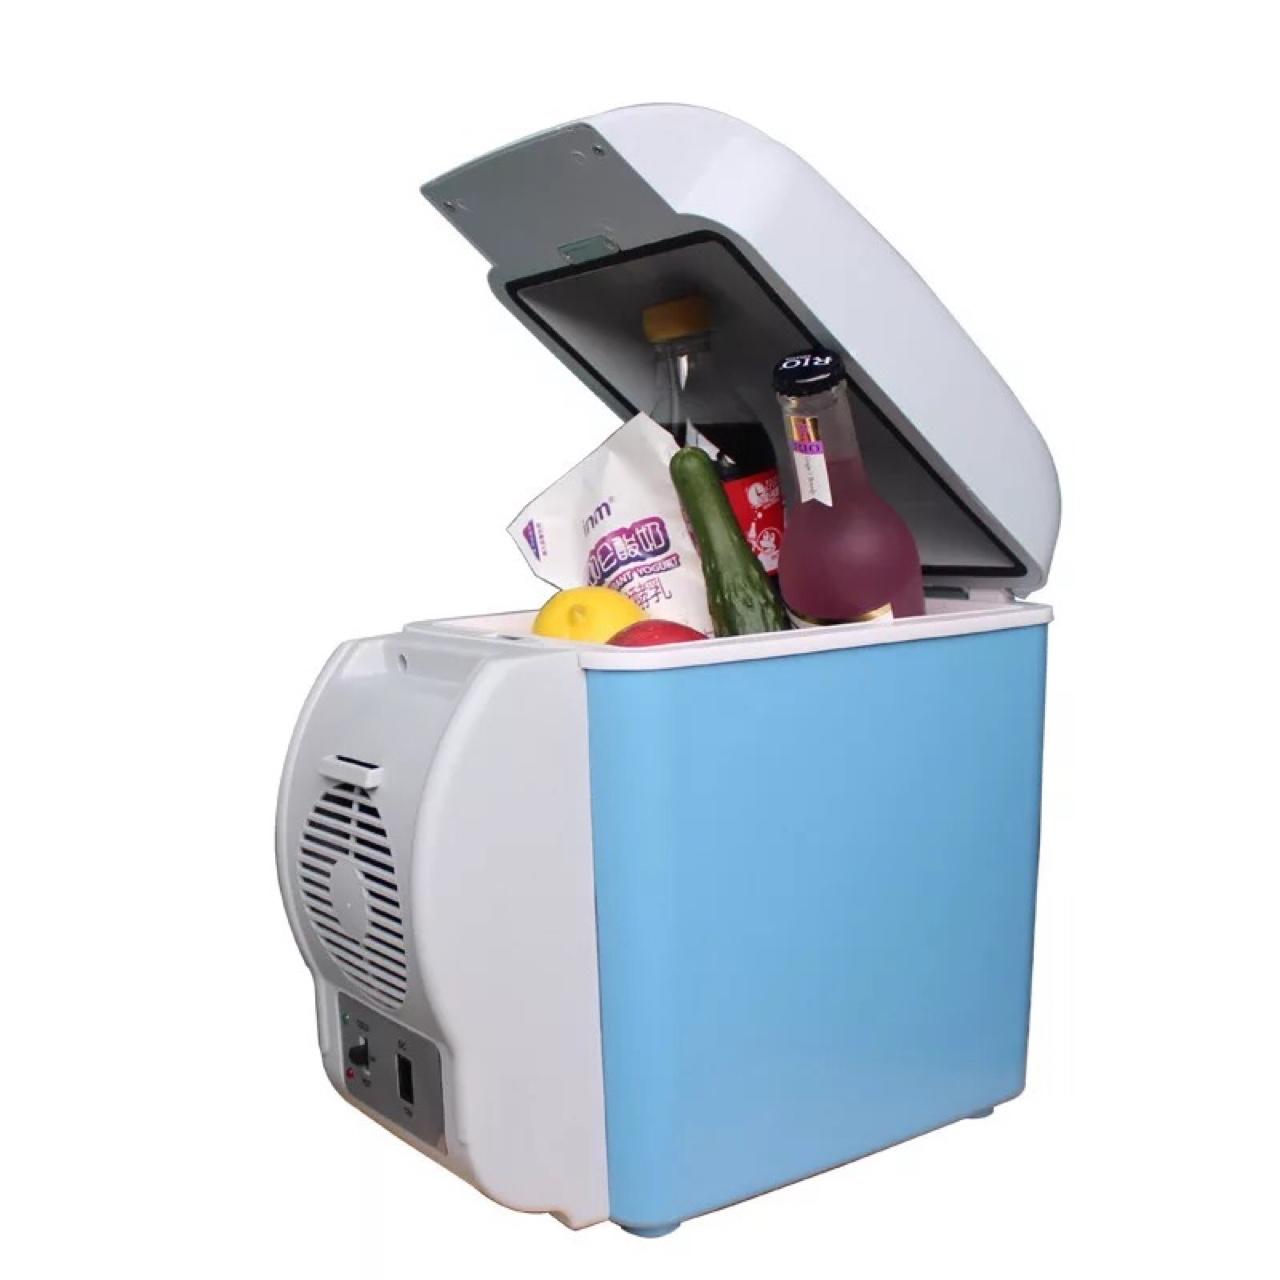 车载冰箱7.5升家用冷热箱汽车冰箱迷你小冰箱冷藏箱厂家直销